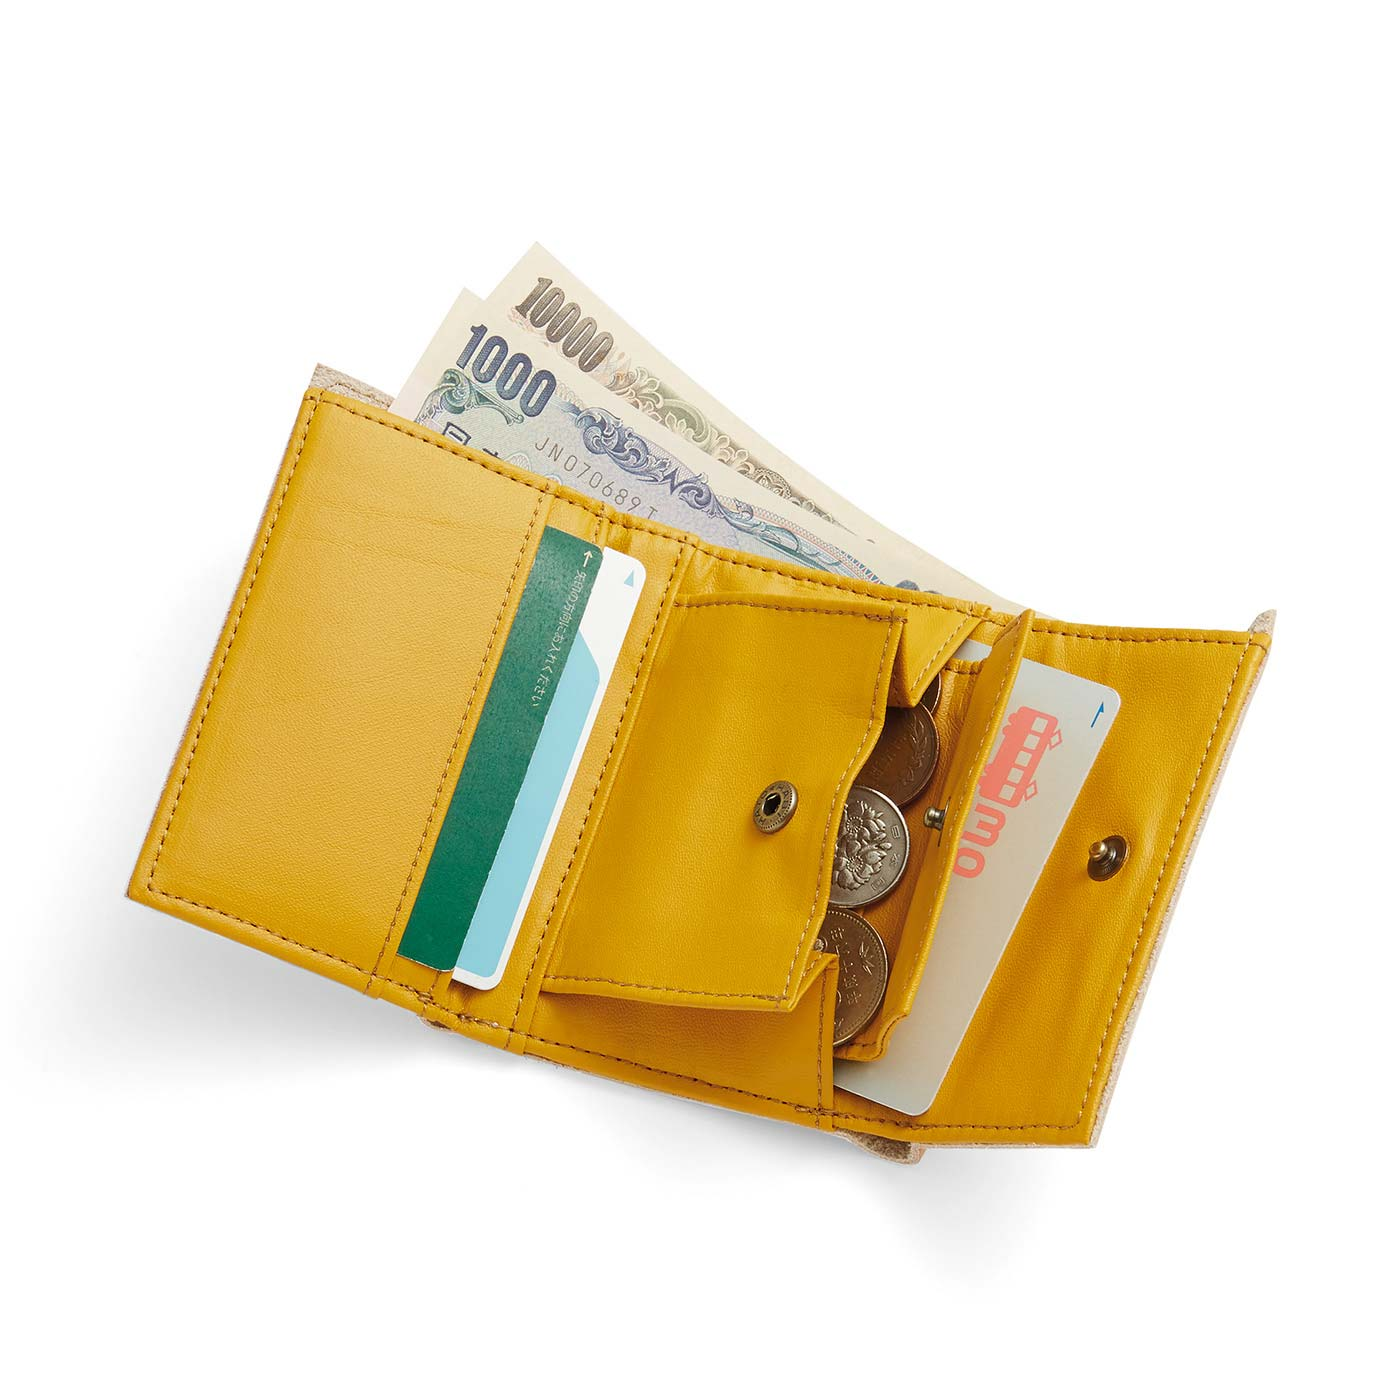 お札&小銭入れに加えて3つのカードポケット付き。よく使うカードを入れておくと◎。